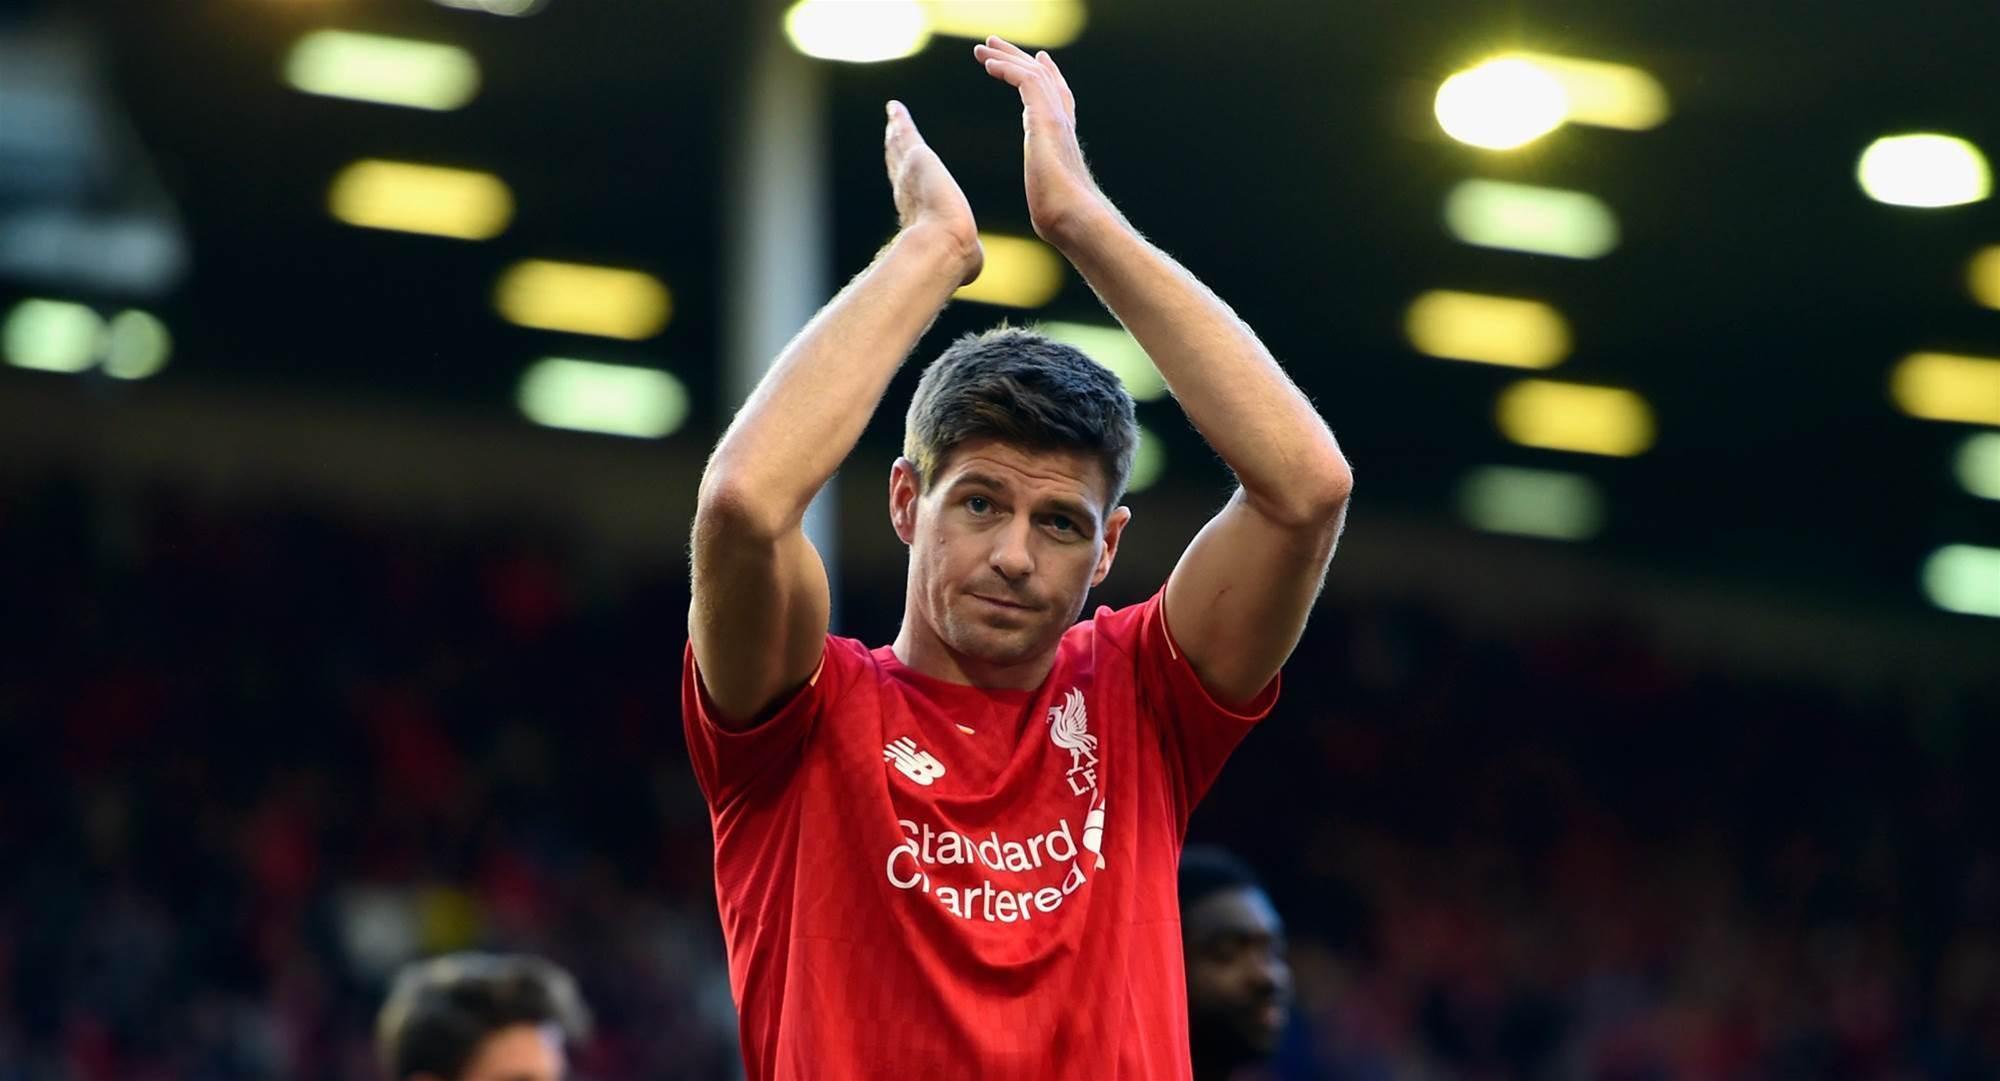 Gerrard to play in Sydney